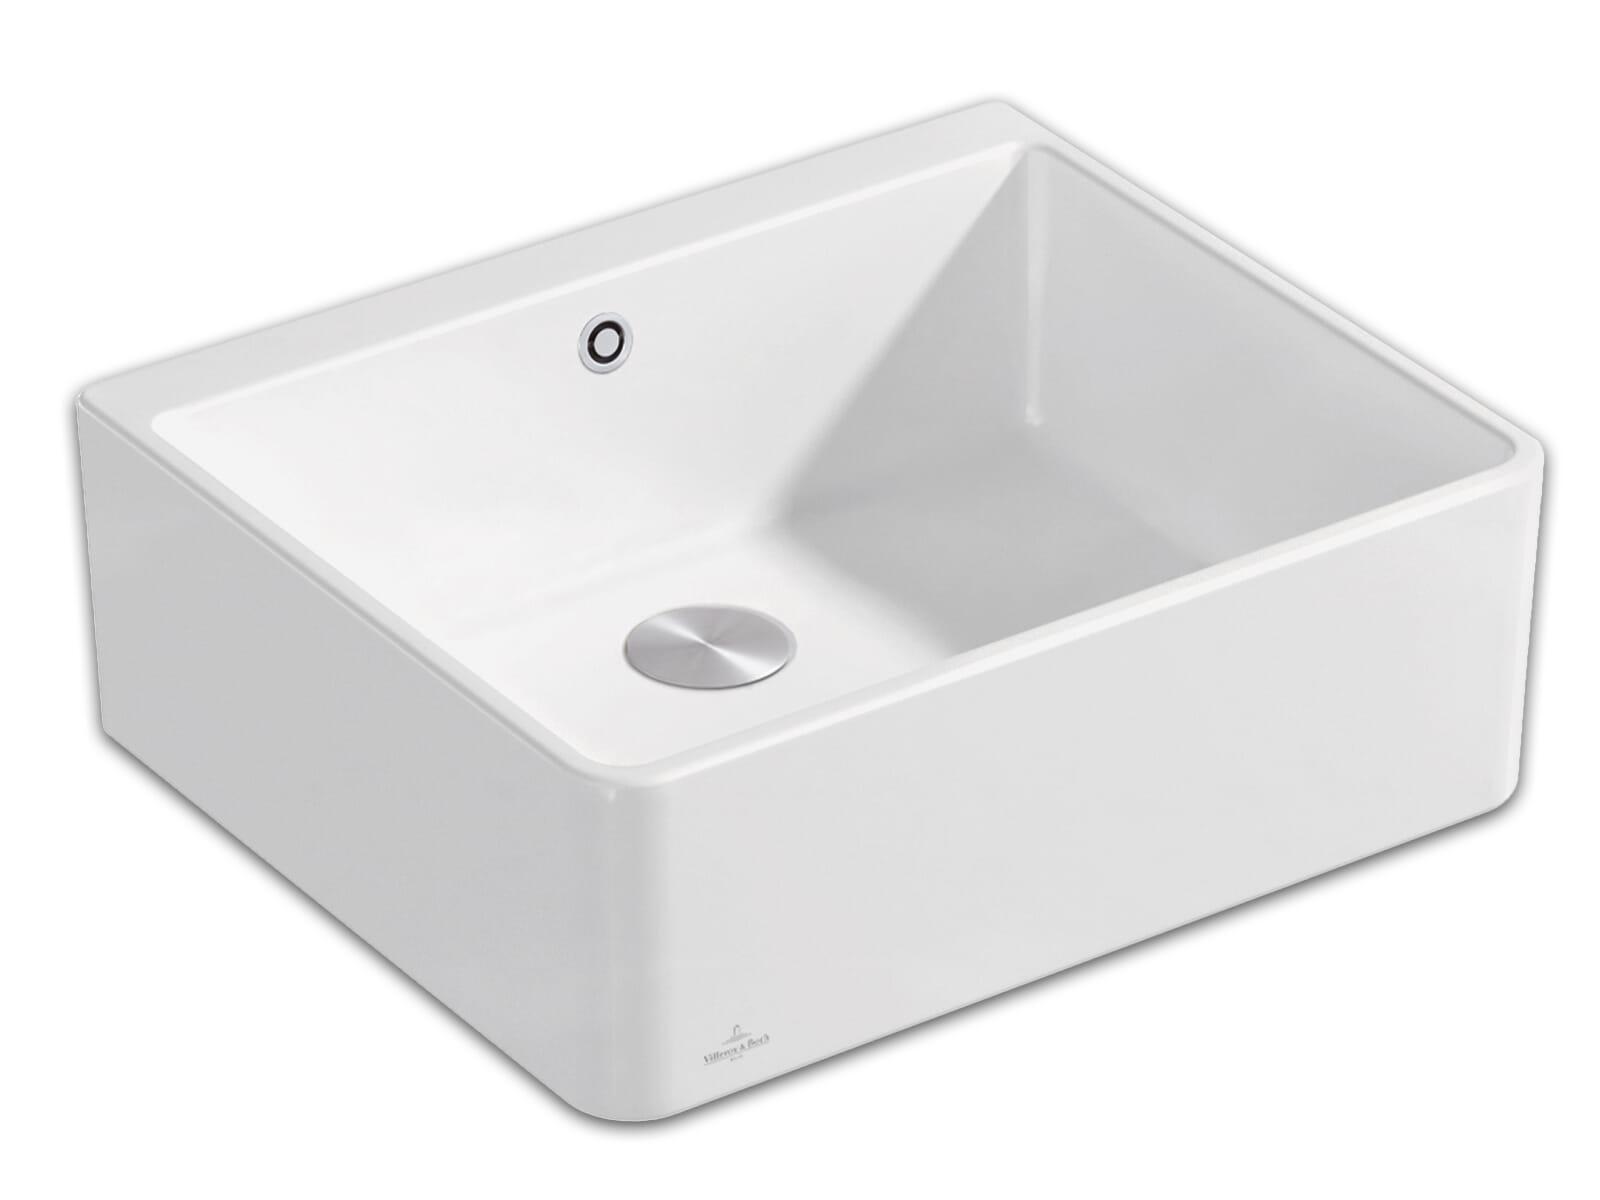 Villeroy & Boch Spülstein 60 X - 6360 02 R1 Weiß (alpin) Keramikspüle Excenterbetätigung